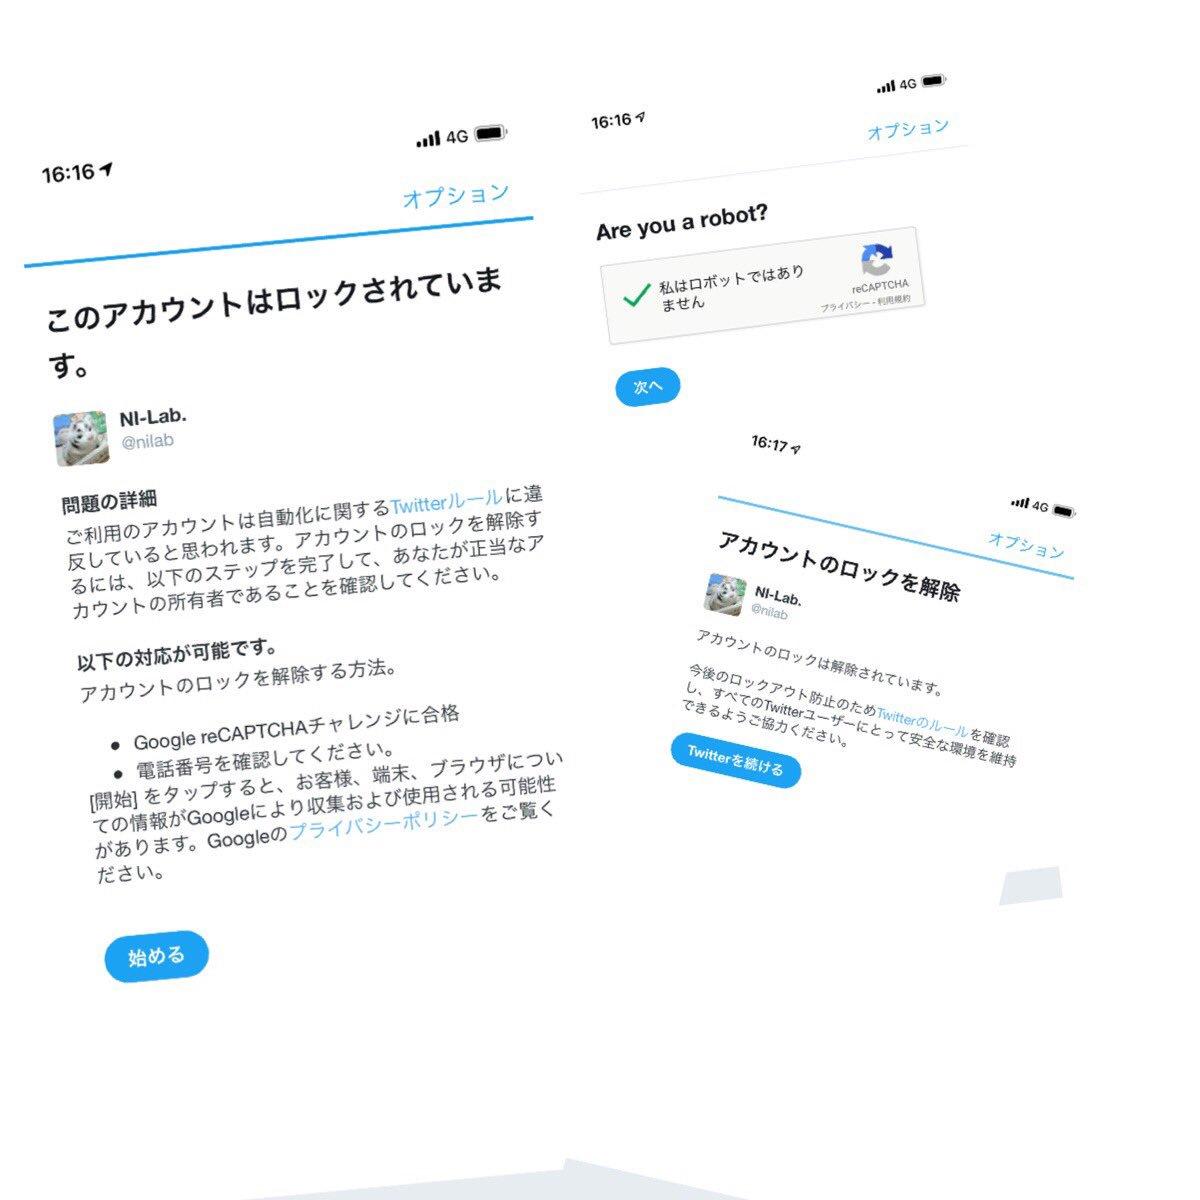 Twitterアカウントがまたもロックされてた\(^o^)/ https://t.co/Ux54mNR49A